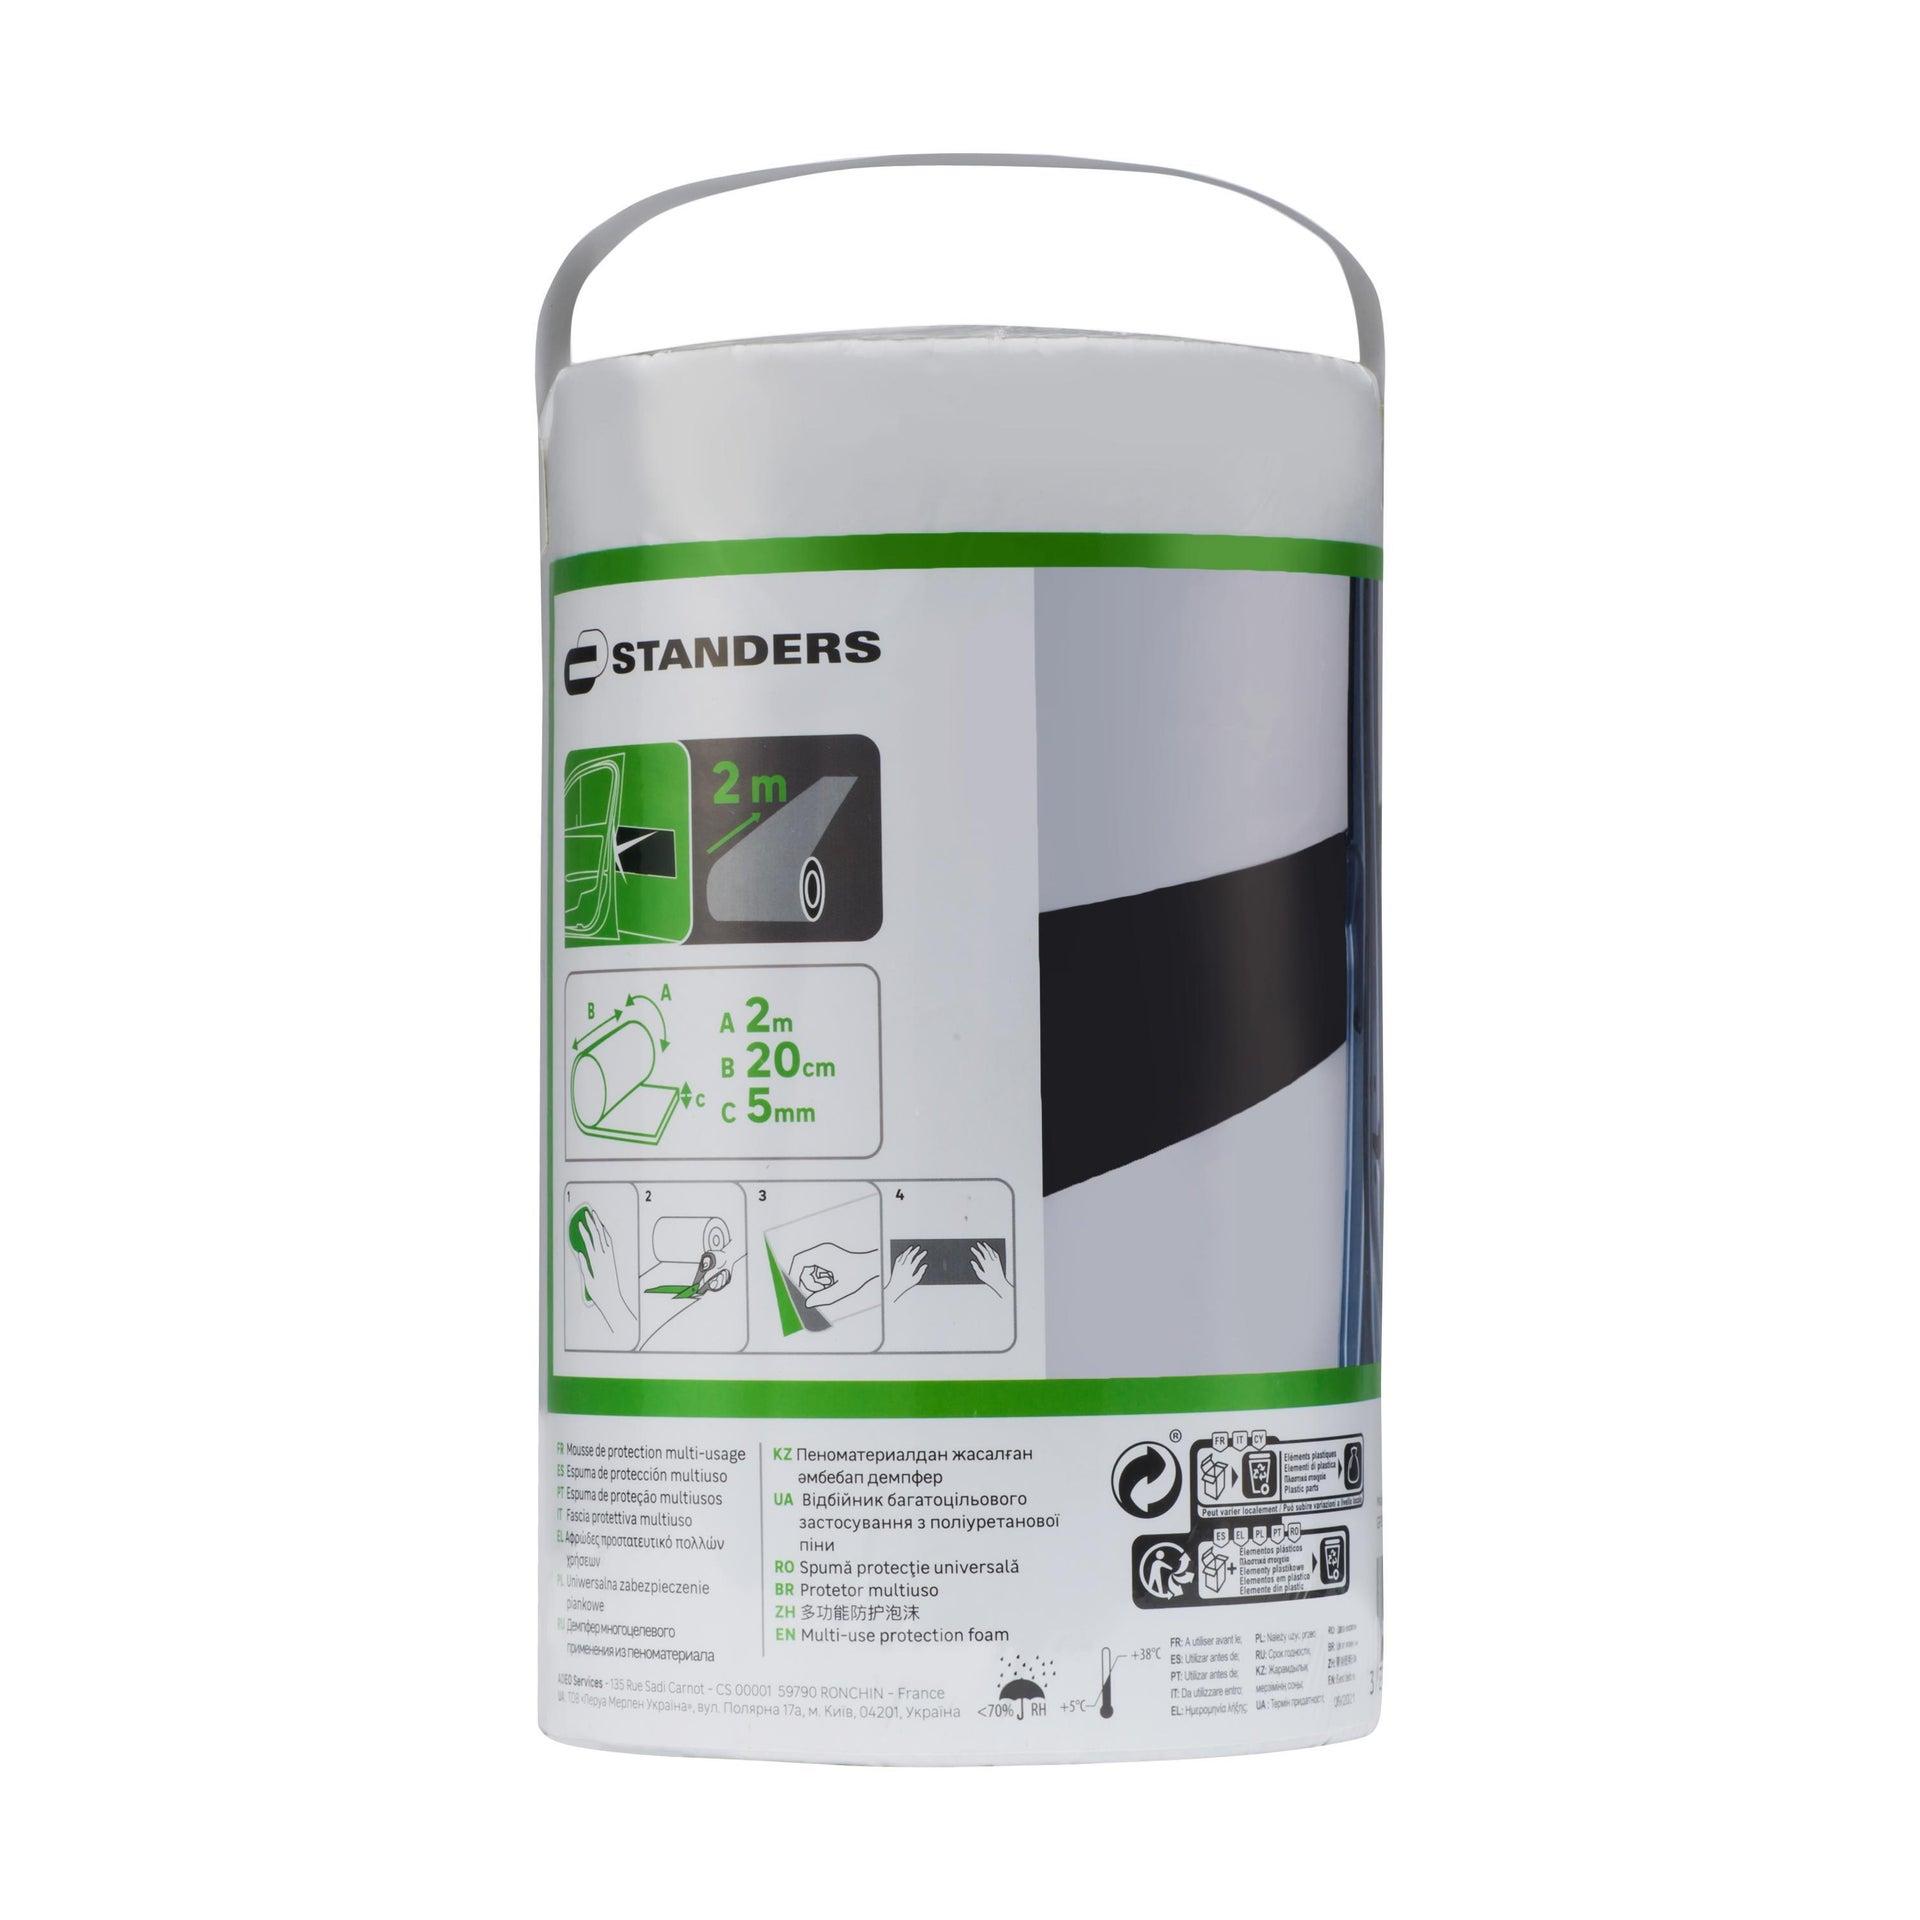 Protezione per garage in polietilene L 200 x H 200 cm nero - 8